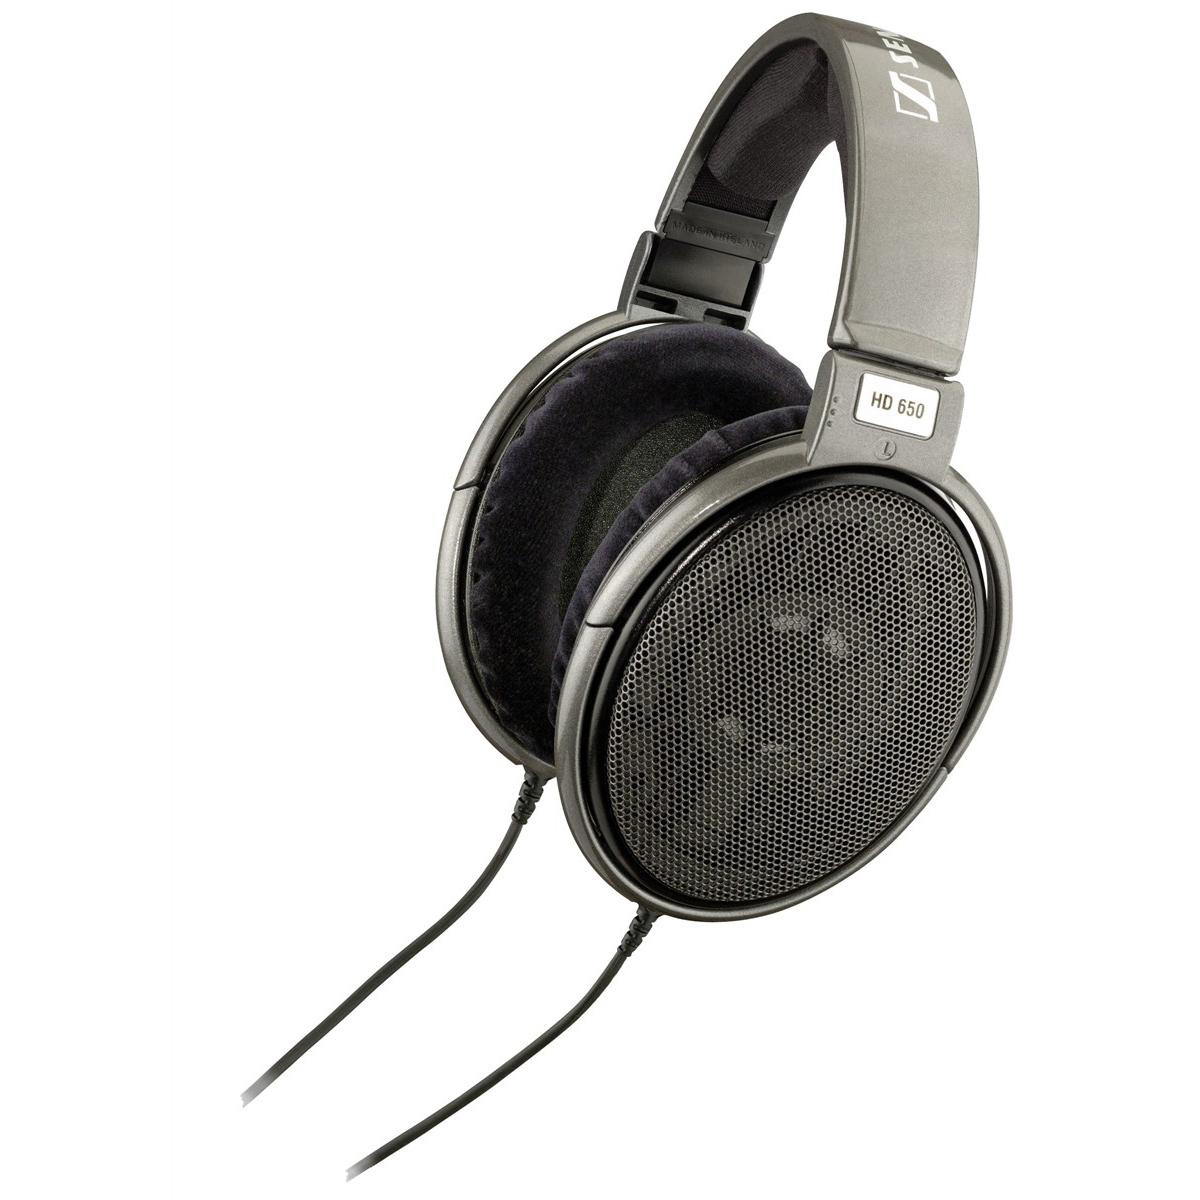 Afbeelding van Sennheiser HD 650 high end hoofdtelefoon voor de muziekliefhebber